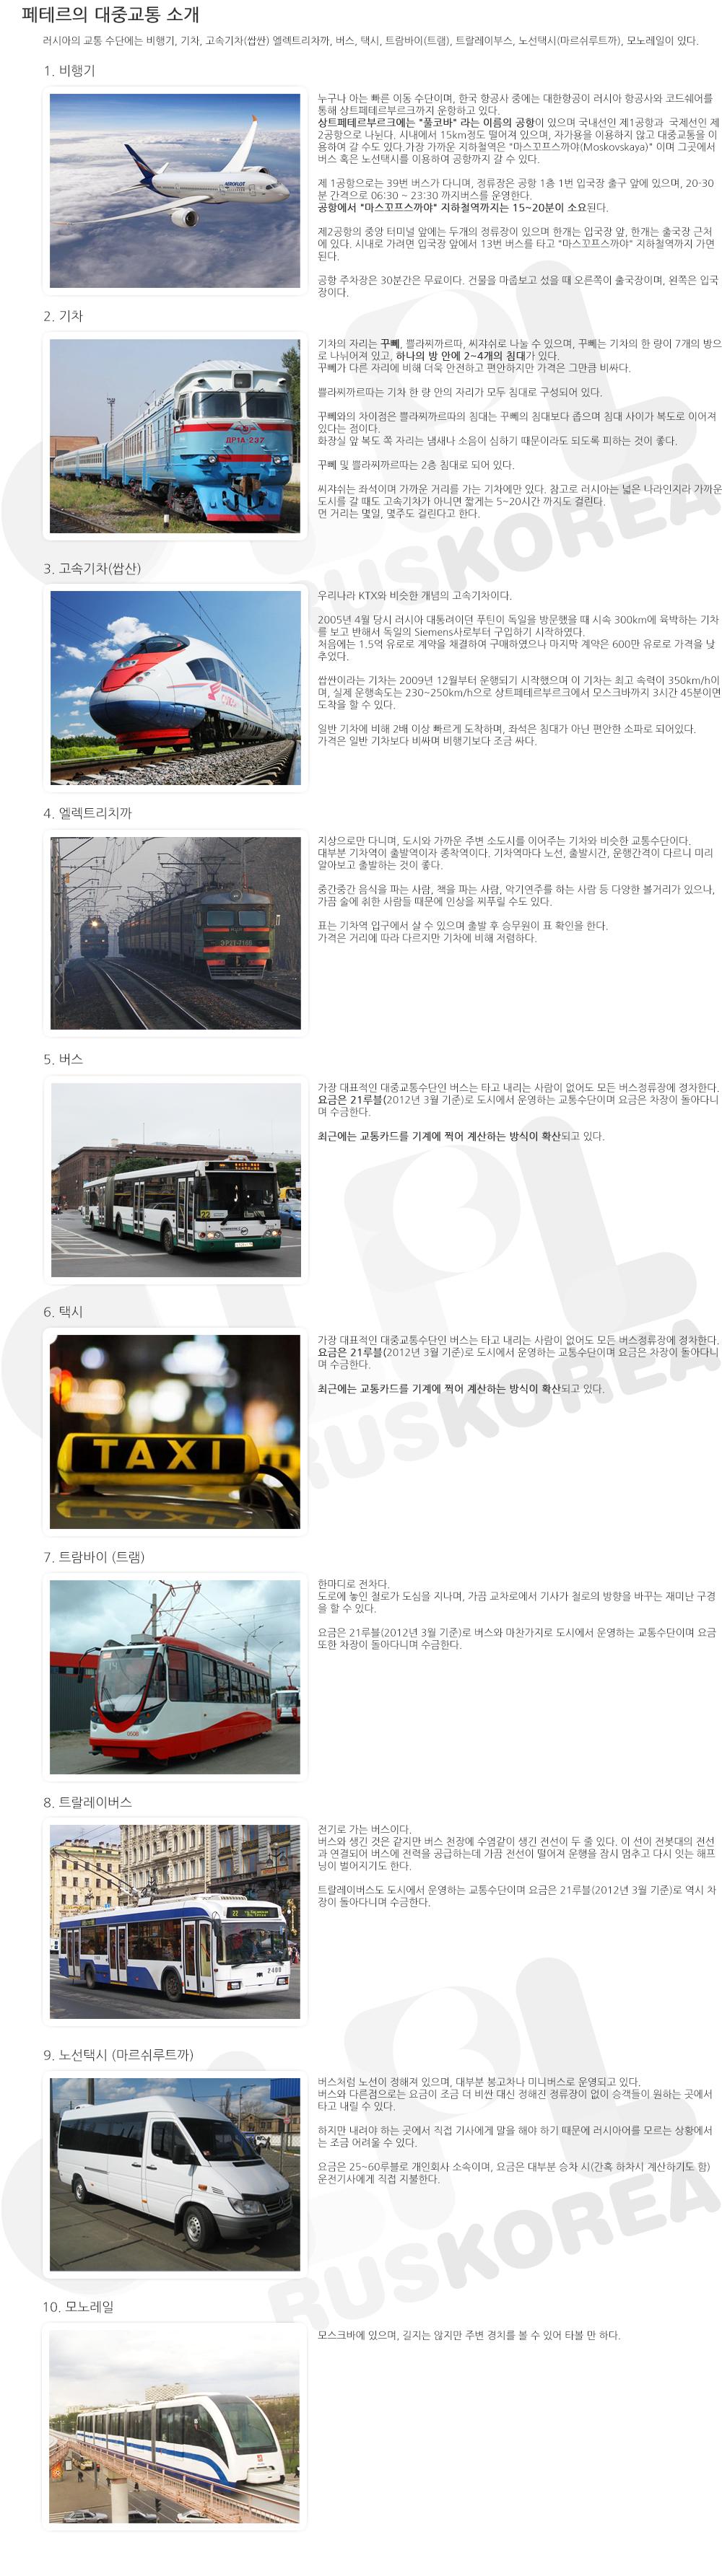 city_publictrans.png